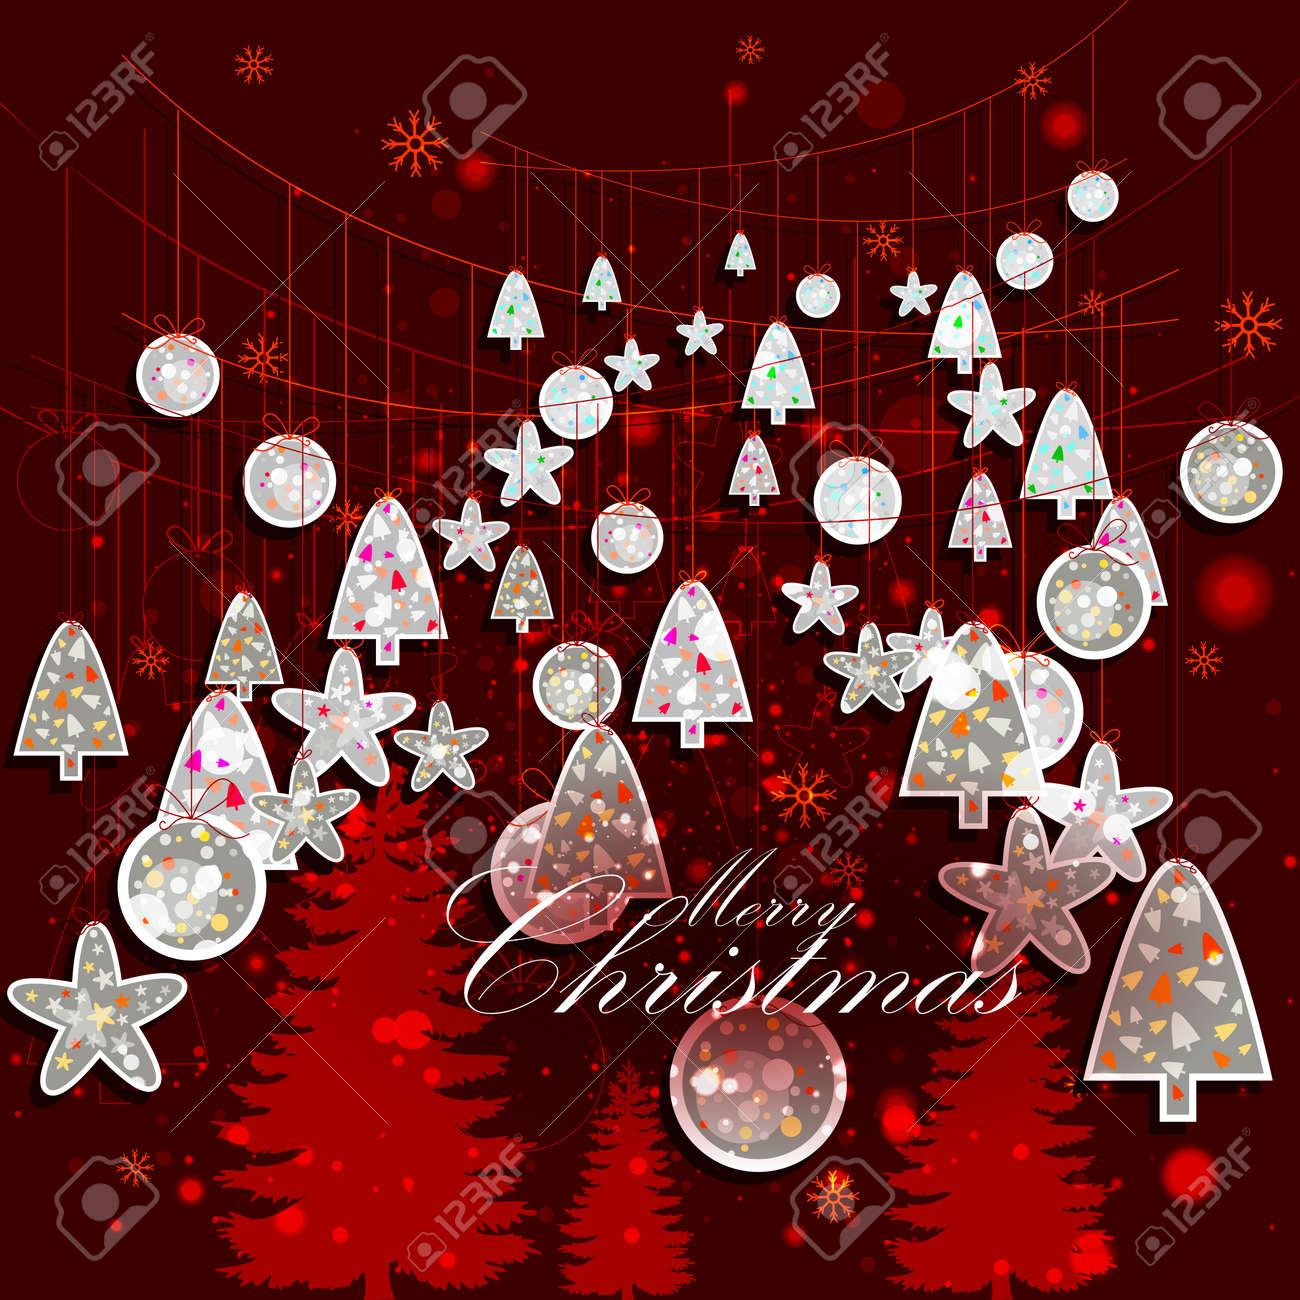 Weihnachten Bilder Bearbeiten.Einfach Zu Bearbeiten Vektor Illustration Der Dekoration Für Frohe Weihnachten Feier Feier